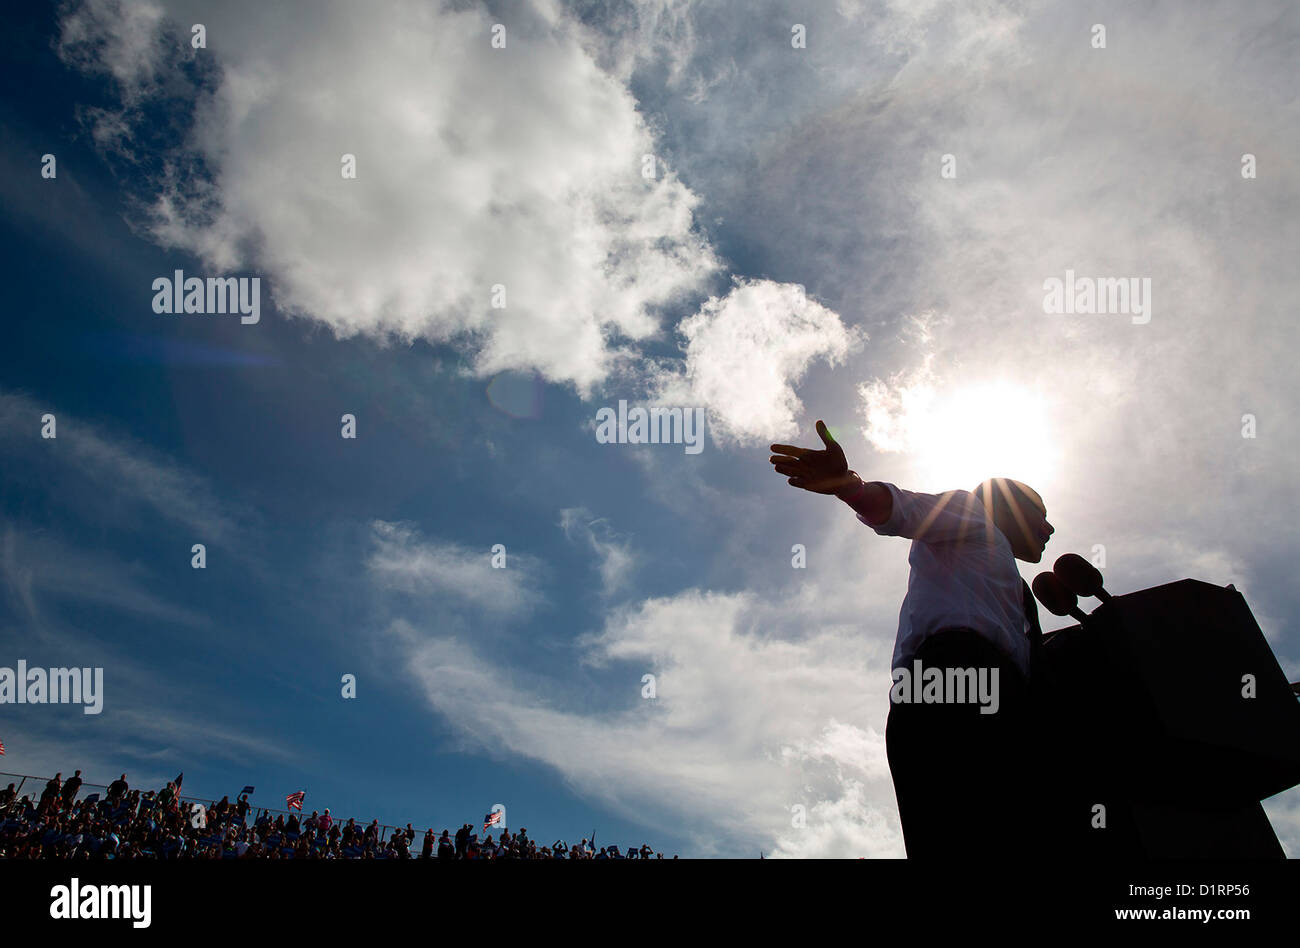 Le président américain Barack Obama aborde une foule pendant une campagne électorale, le 23 octobre 2012 rassemblement Banque D'Images